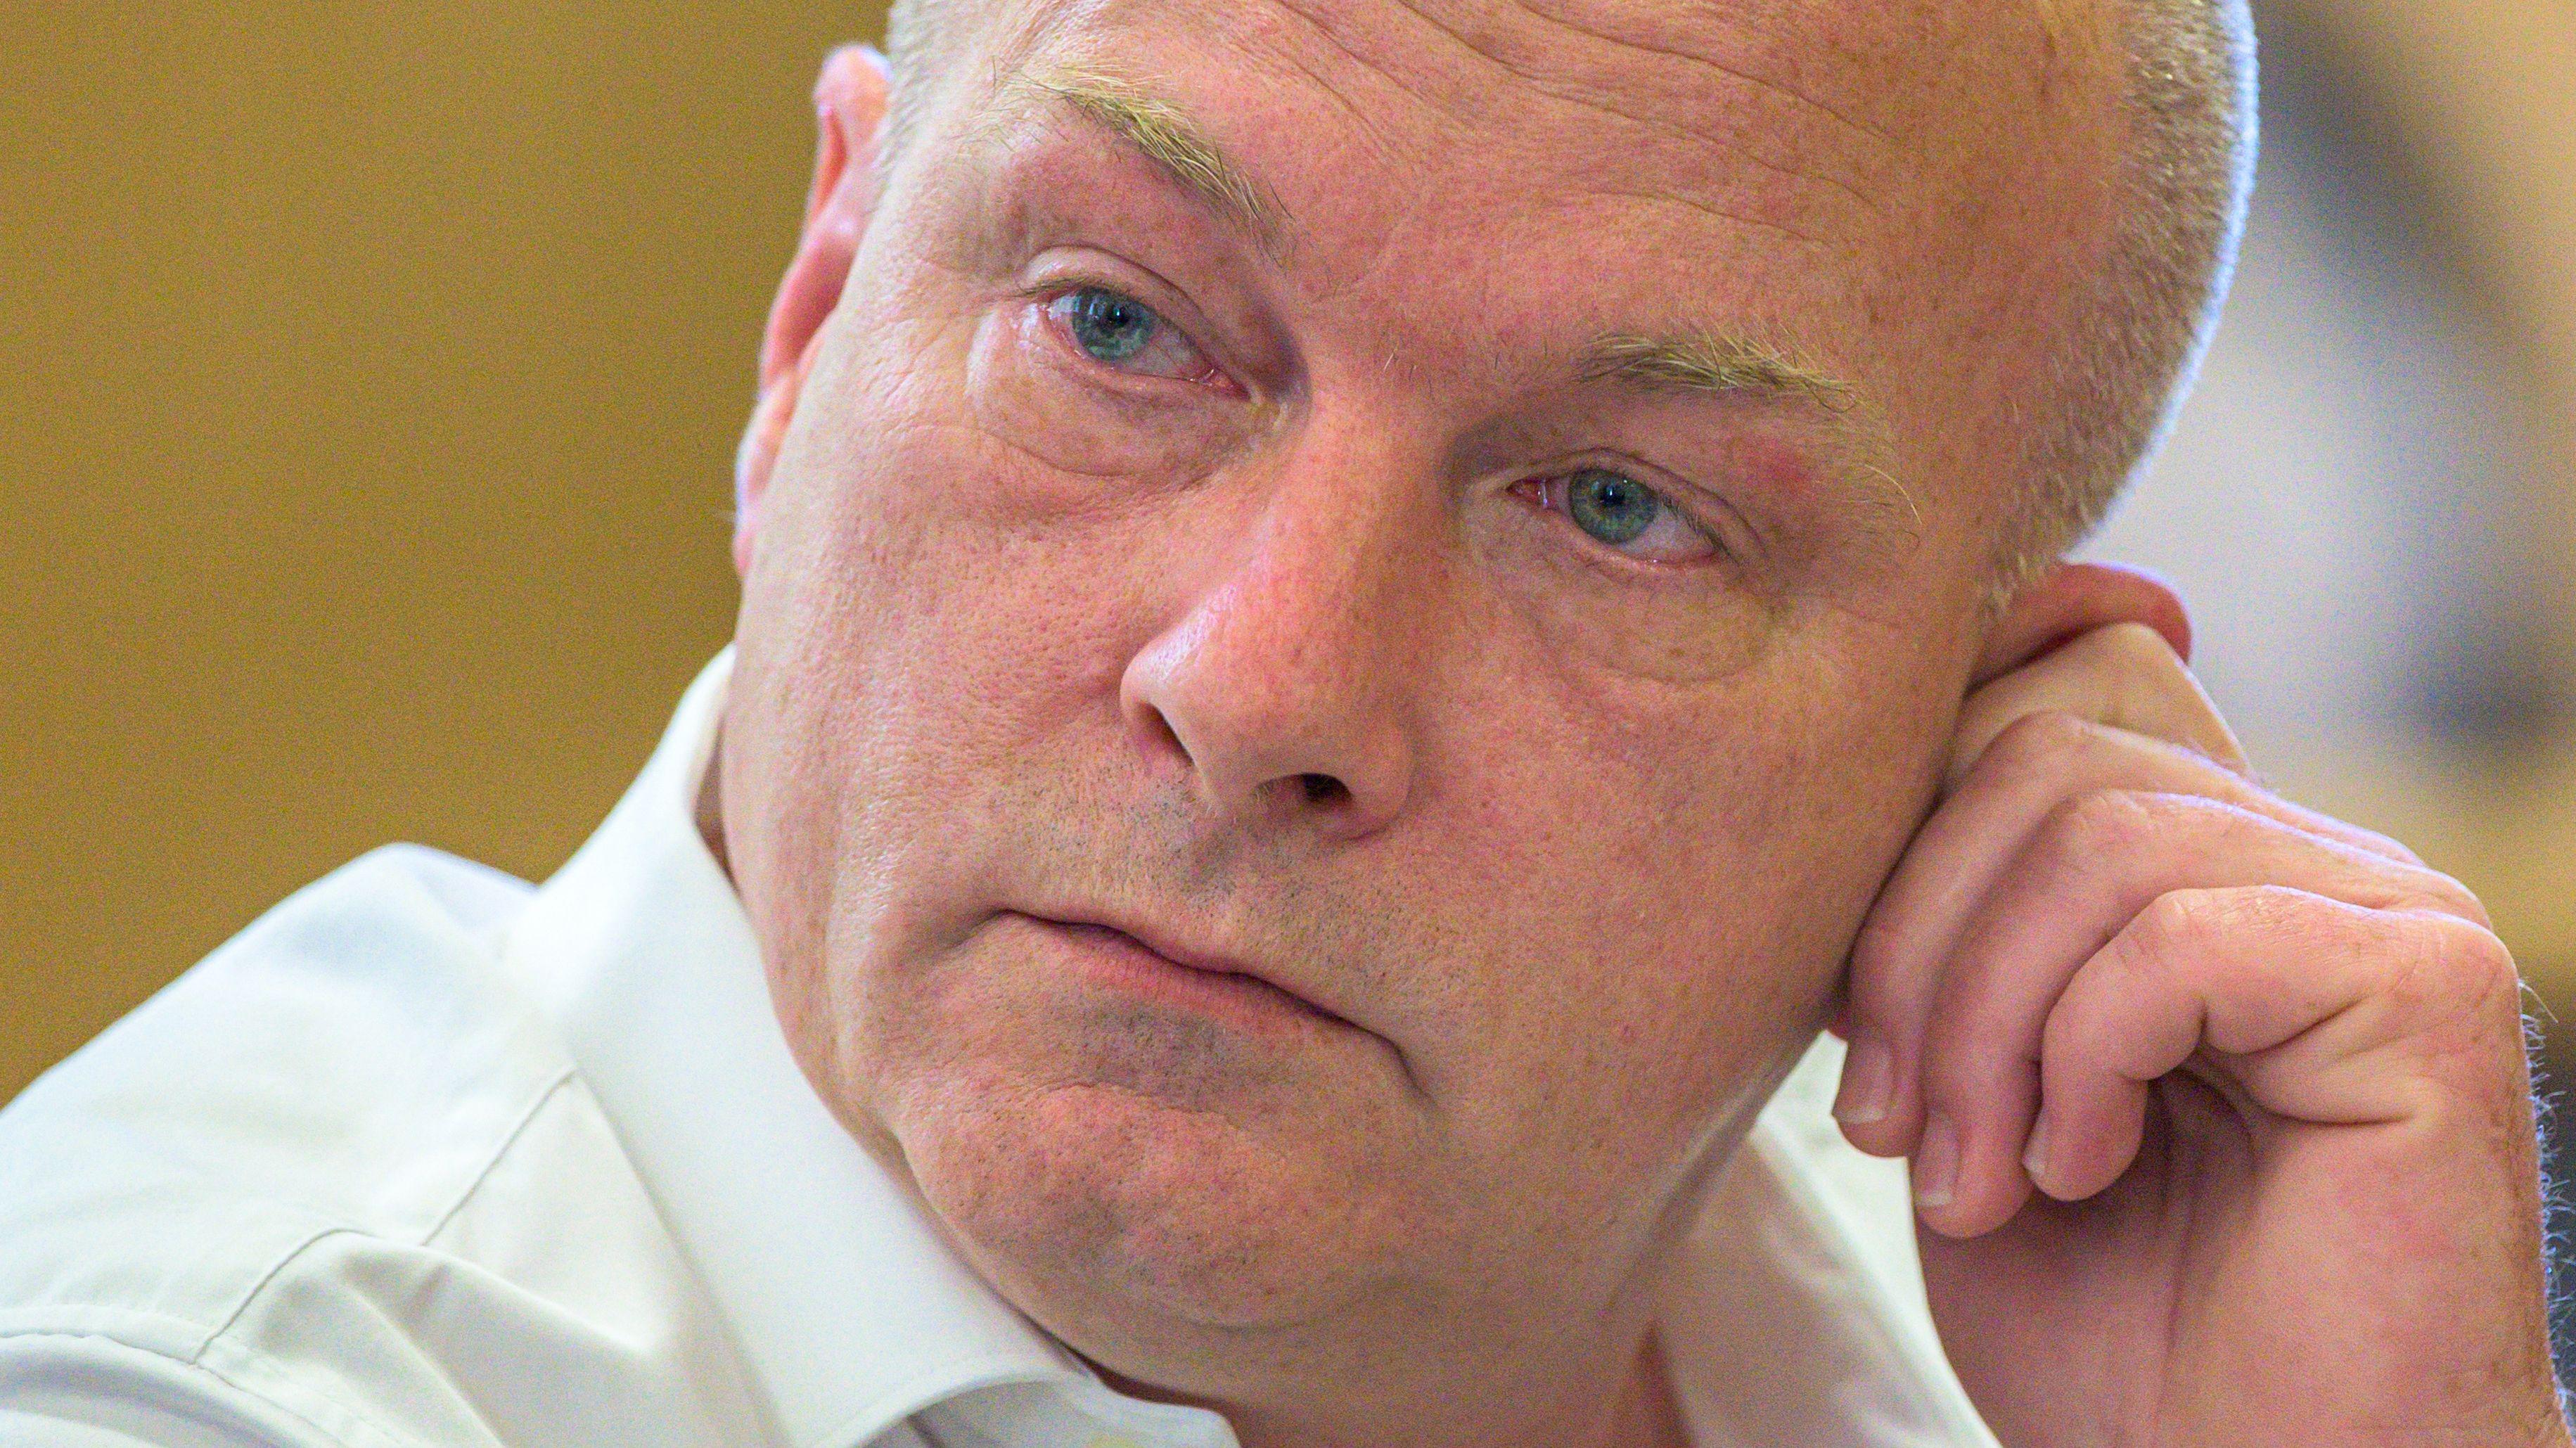 Ab 1 Oktober muss sich der suspendierte Regensburger Oberbürgermeister Joachim Wolbergs erneut vor Gericht verantworten.